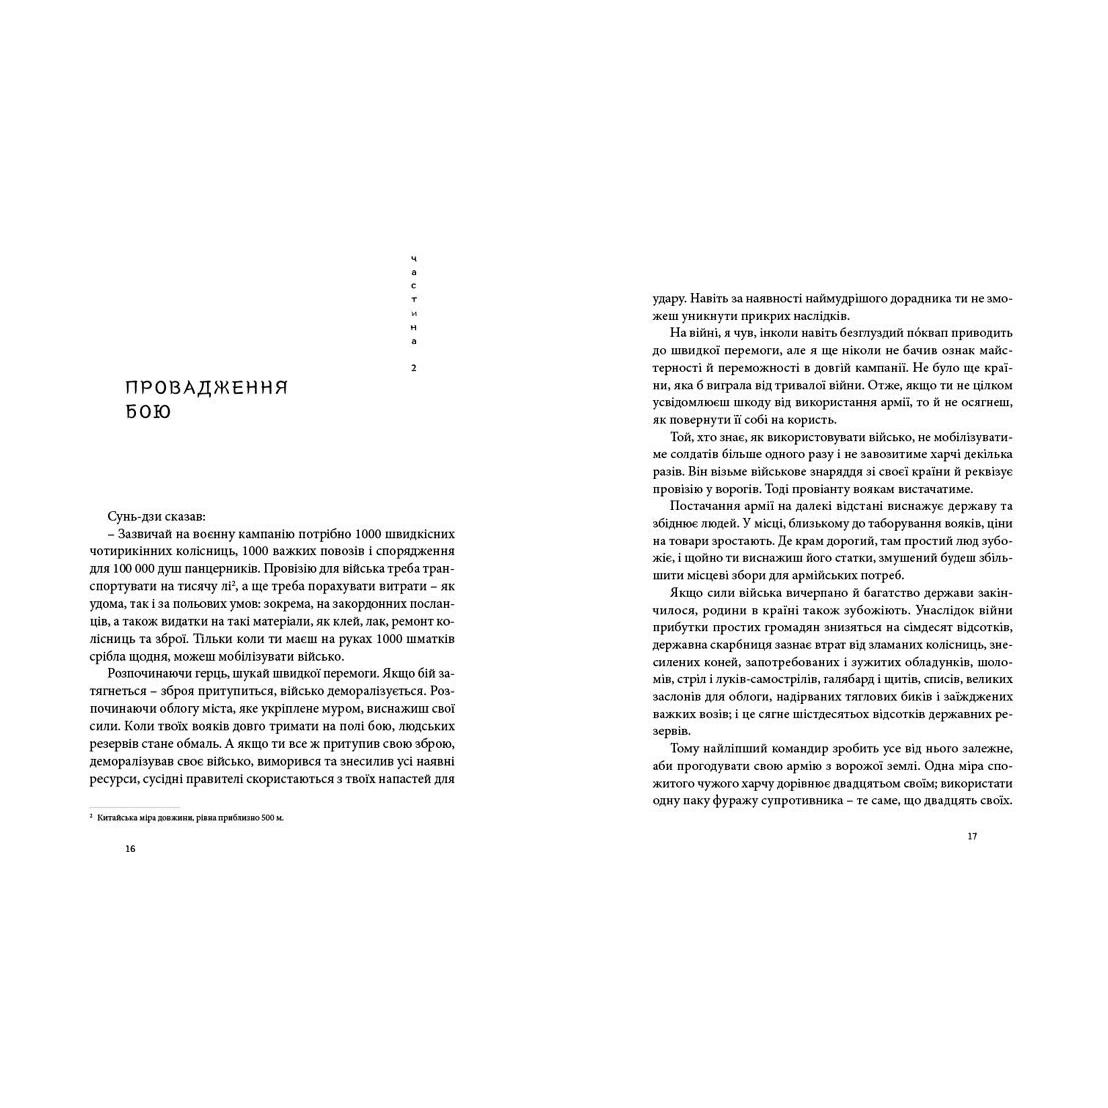 Книга Мистецтво війни, Сунь-дзи| Bukio